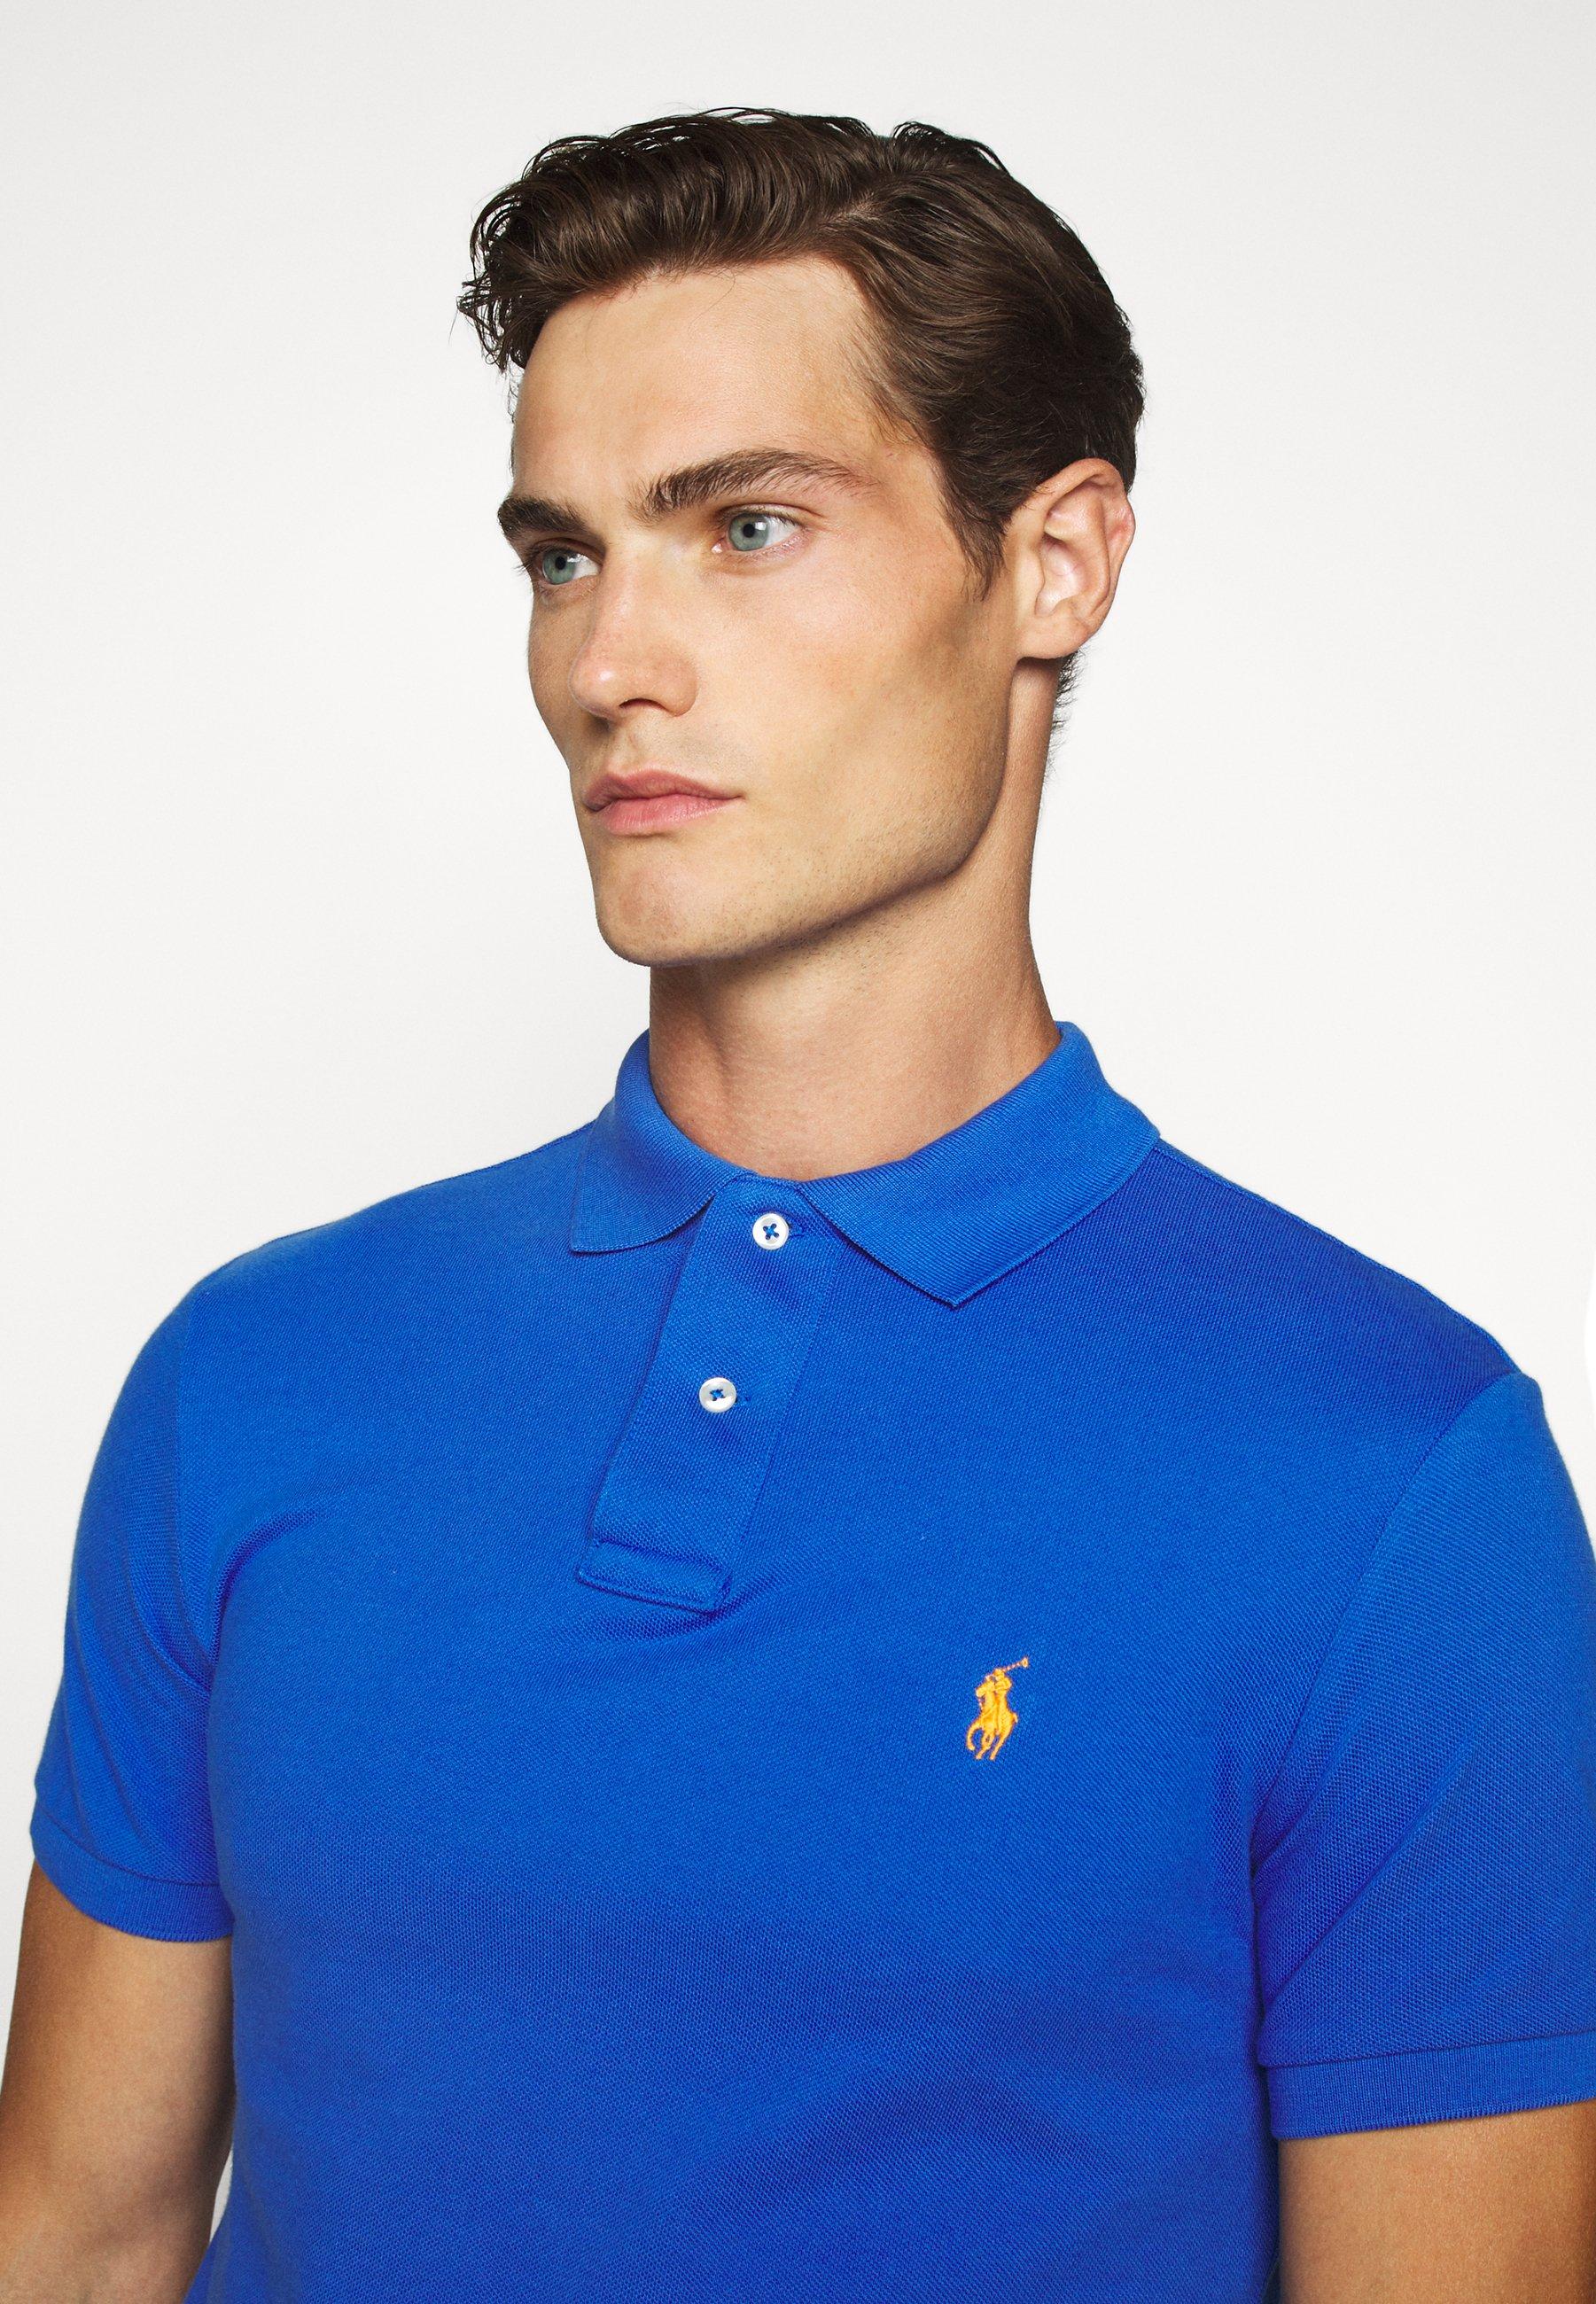 Polo Ralph Lauren Poloshirts - New Iris Blue